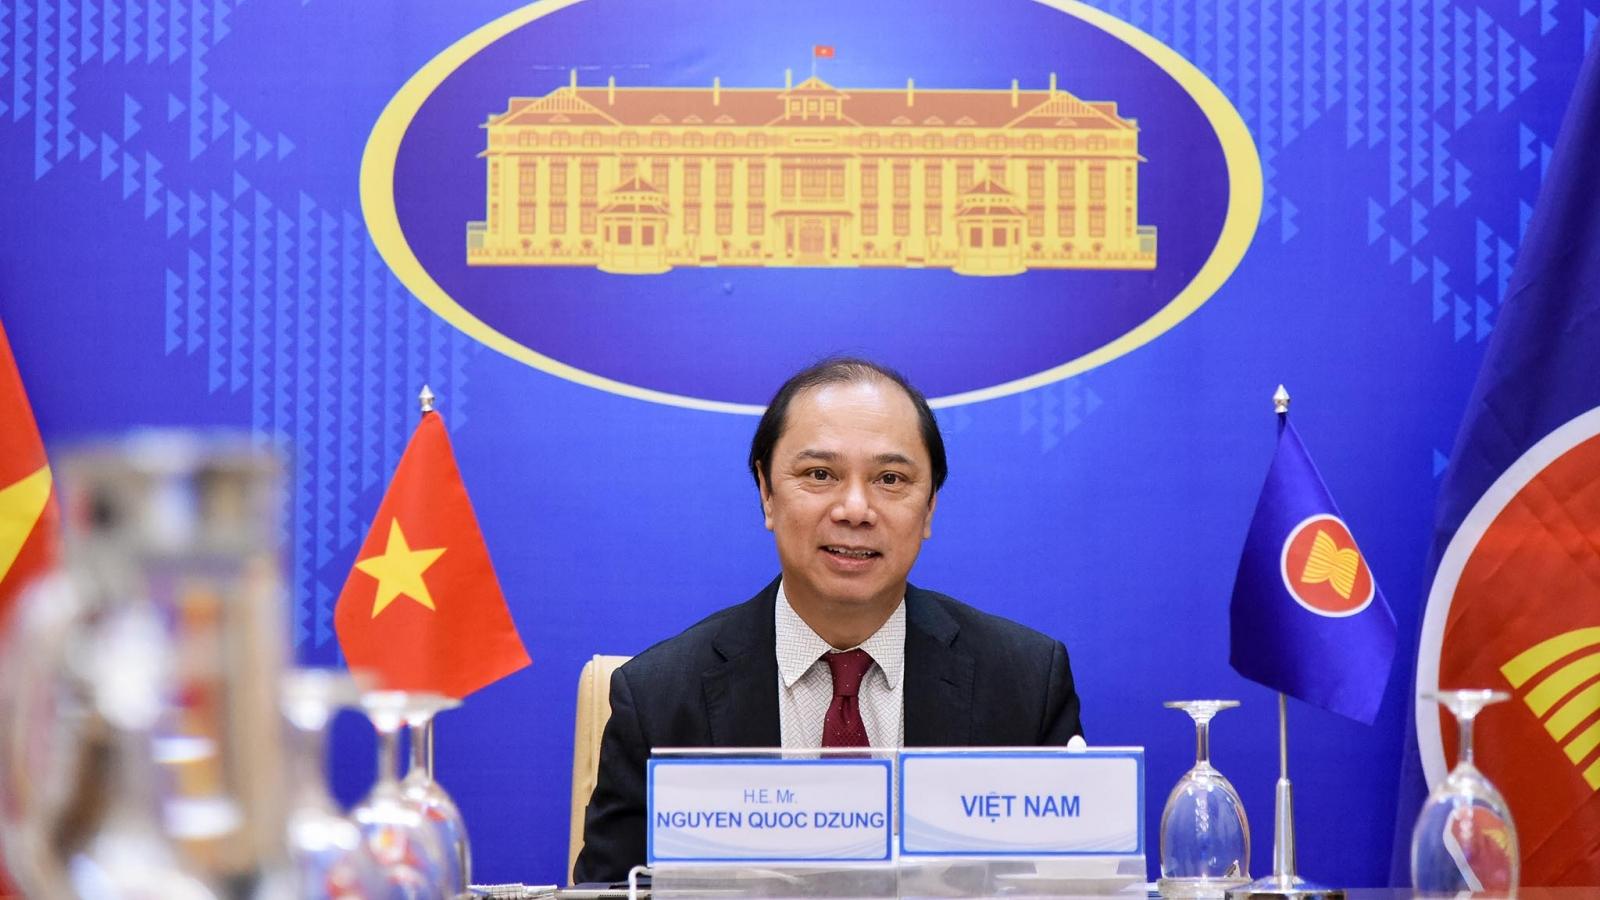 Hội nghị Quan chức cao cấp (SOM) các nước tham gia Hội nghị cấp cao Đông Á (EAS)